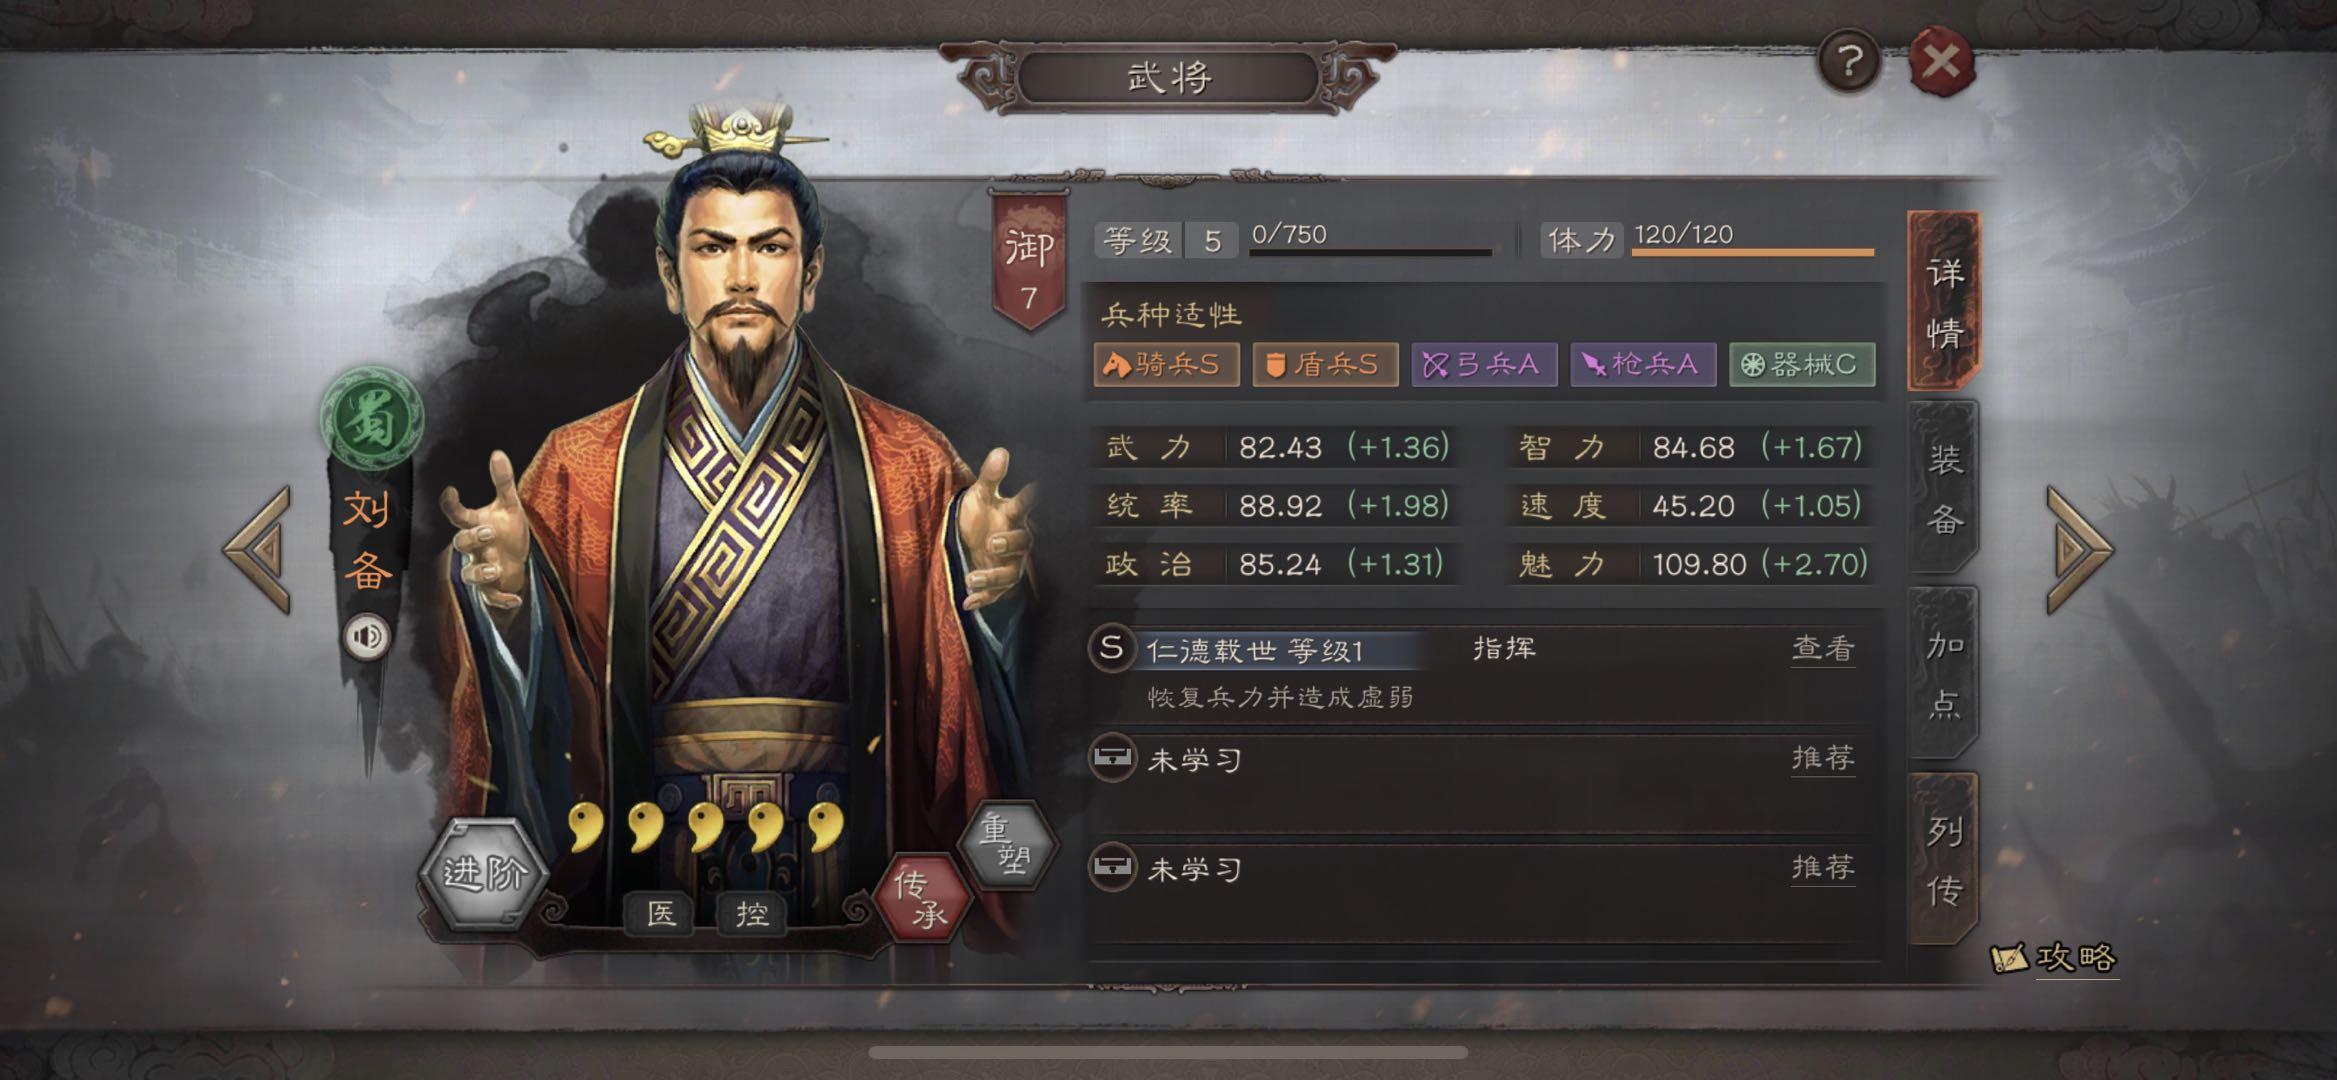 刘备发起夷陵之战是为了替谁报仇